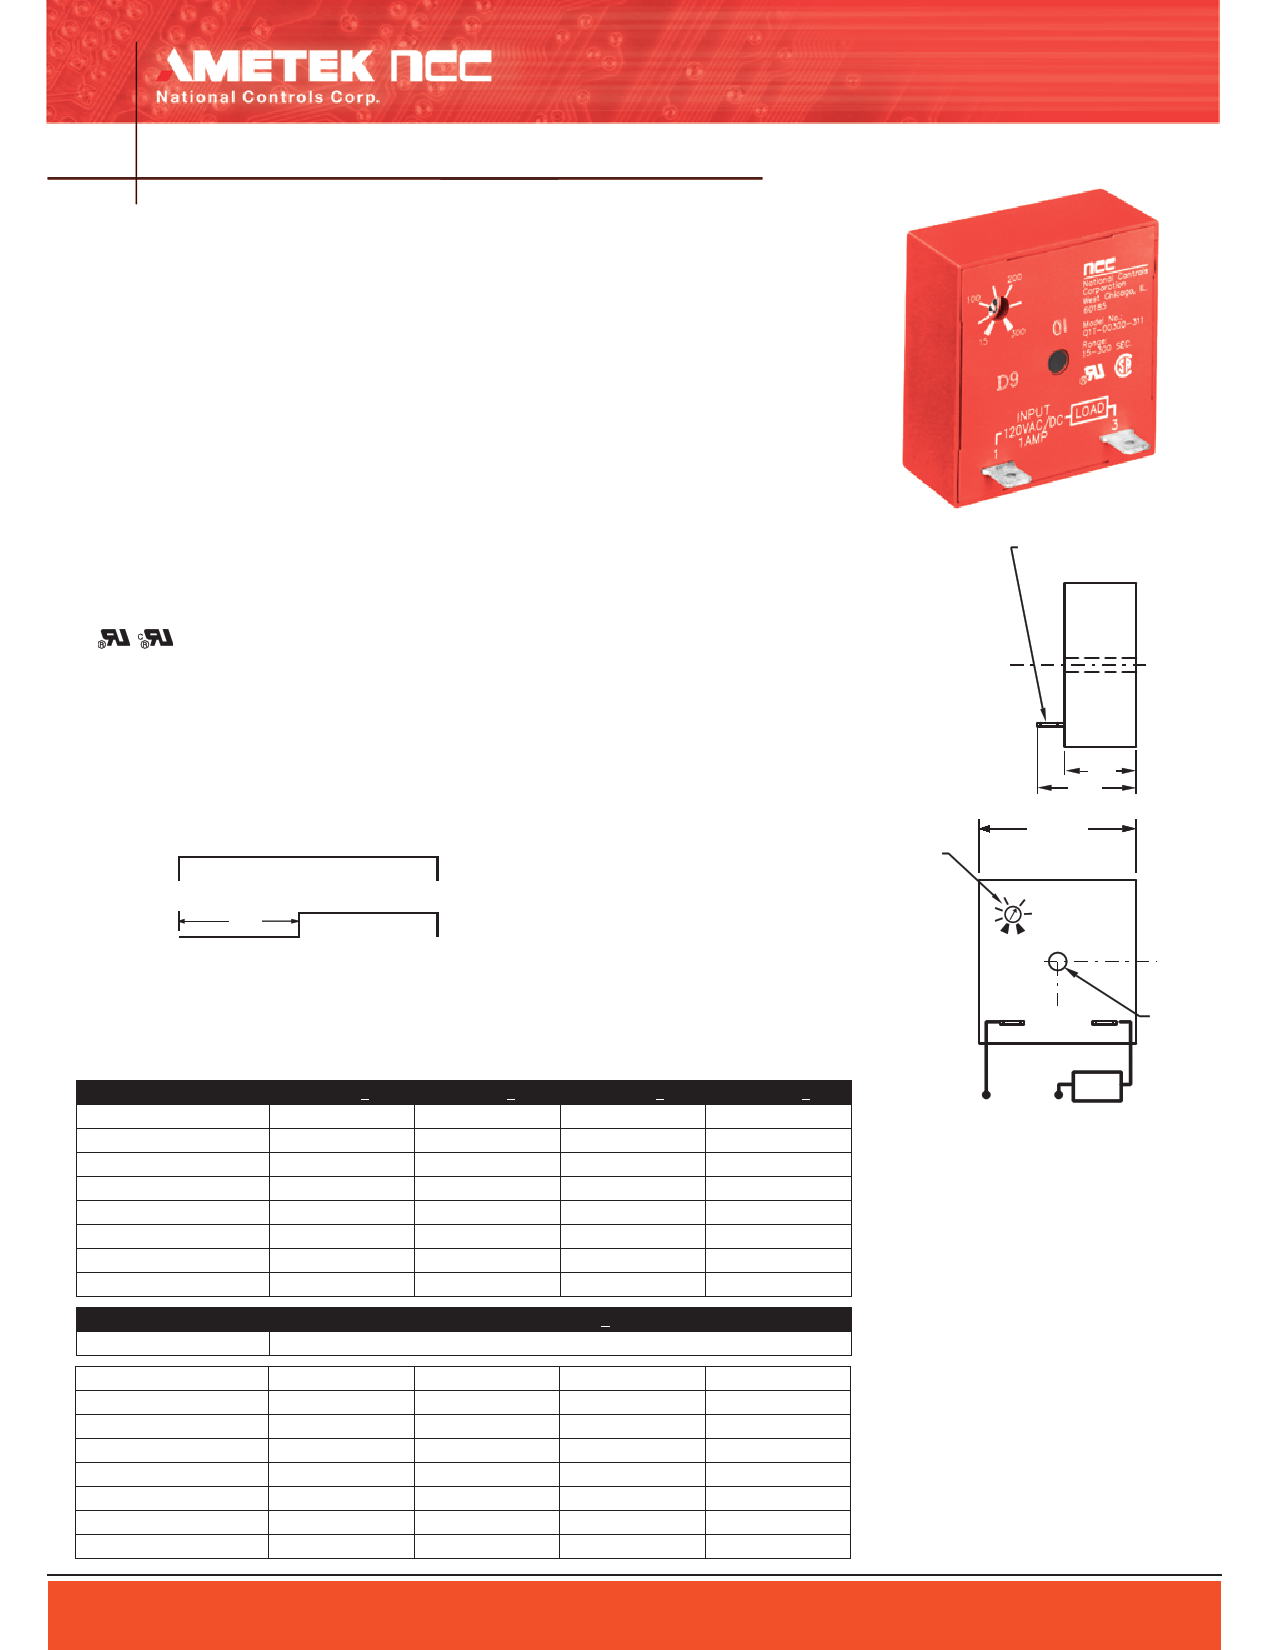 Q1T-00001-316 Даташит, Описание, Даташиты